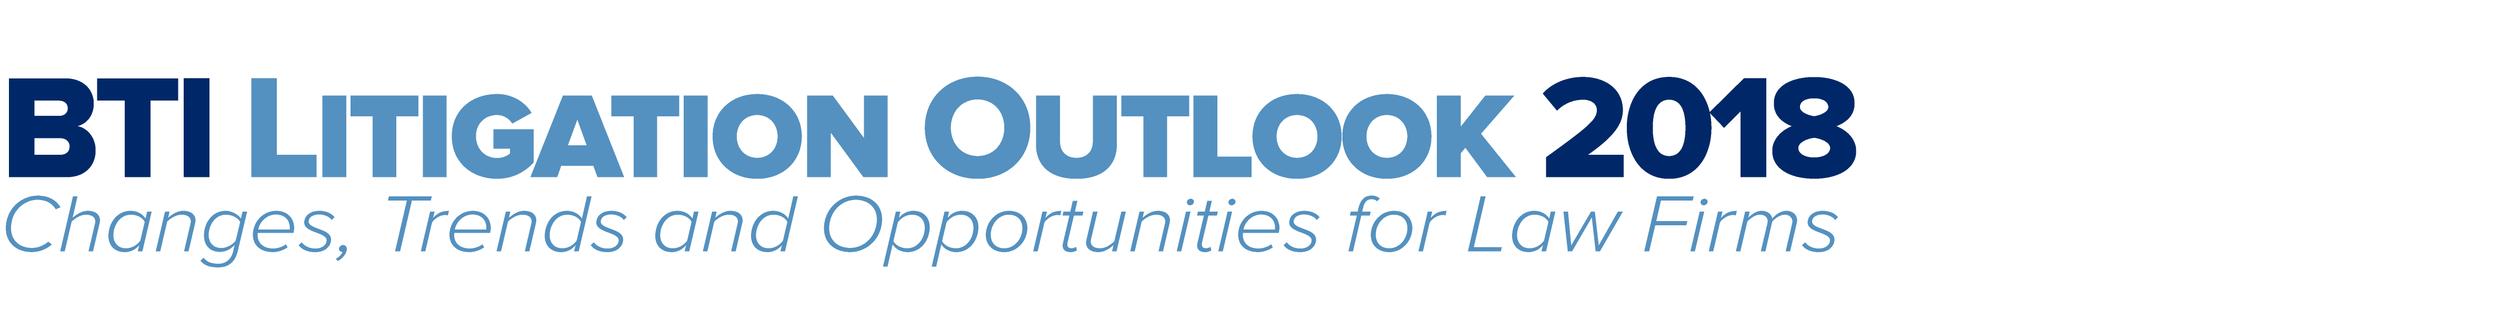 2018 Litigation Outlook Header-01-01.png